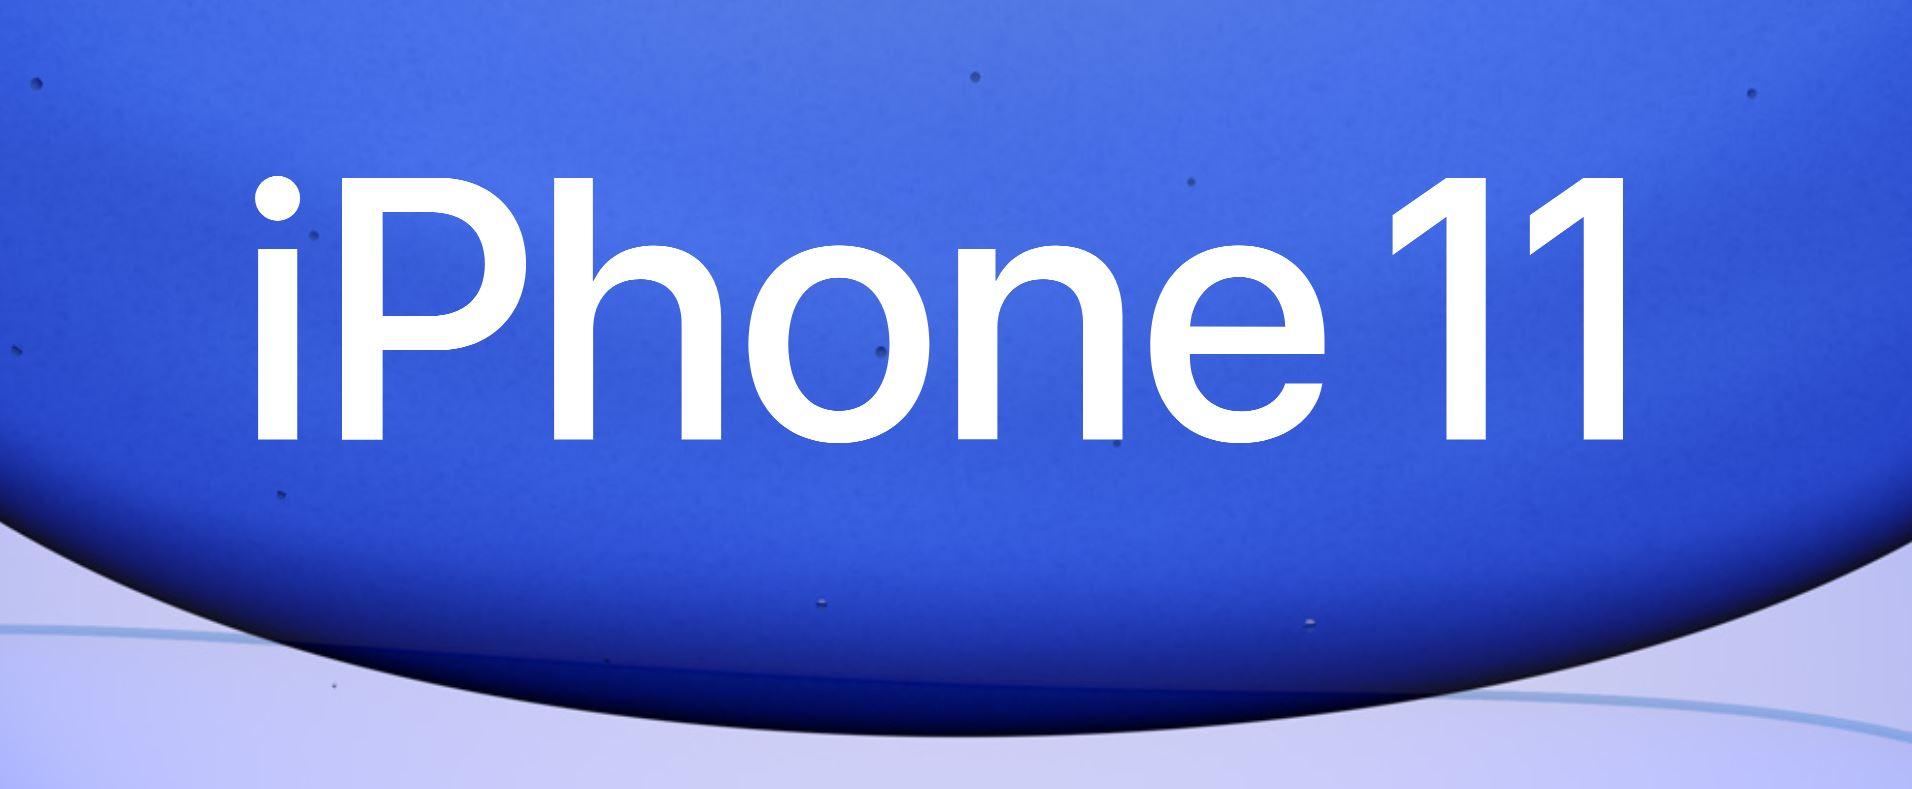 Softbank_スマホ_iPhone11